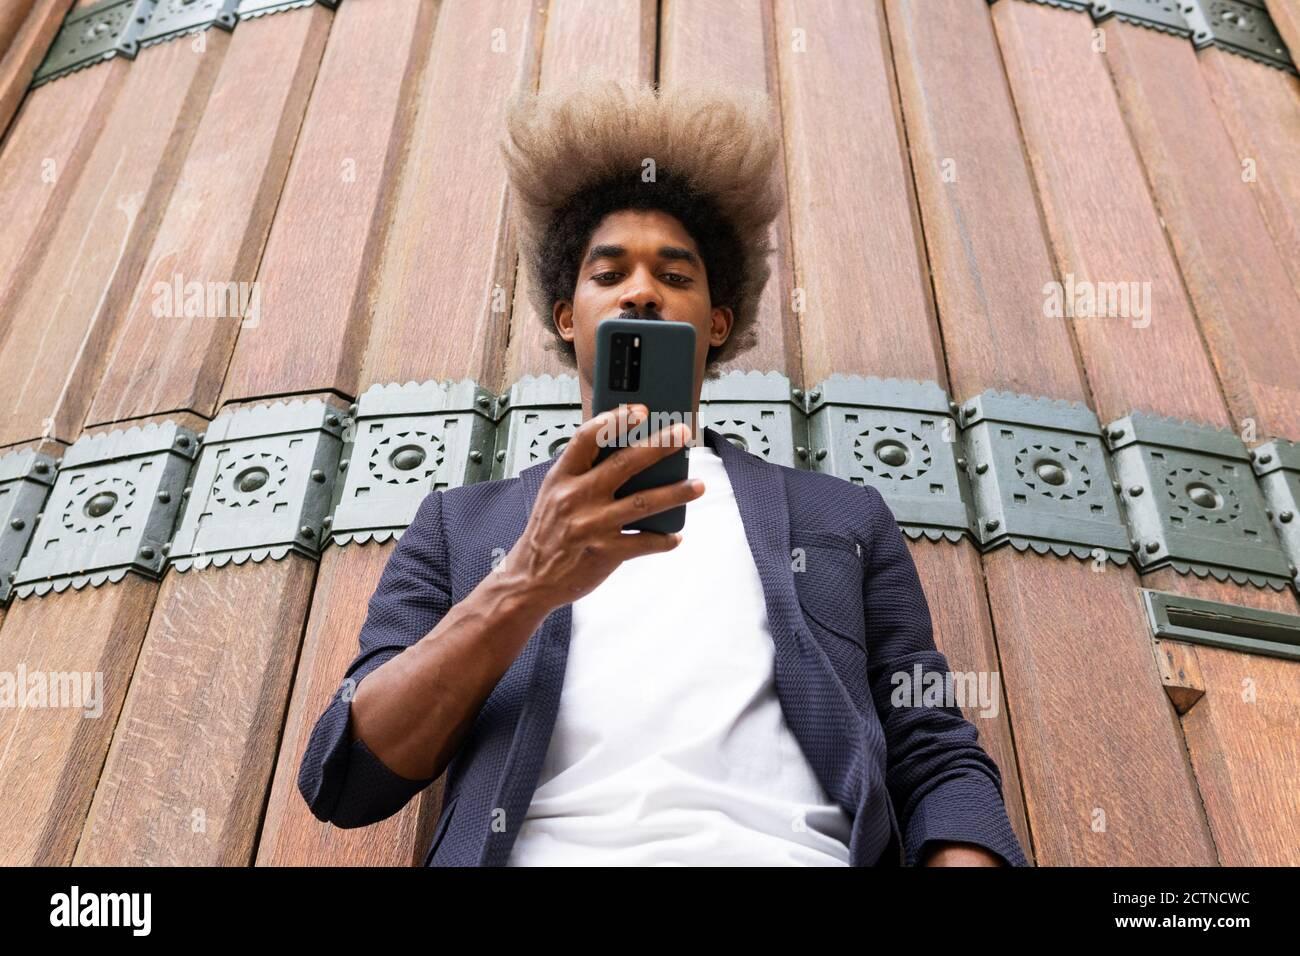 Desde abajo de un hombre africano en traje usando el suyo teléfono móvil frente a una pared de madera Foto de stock